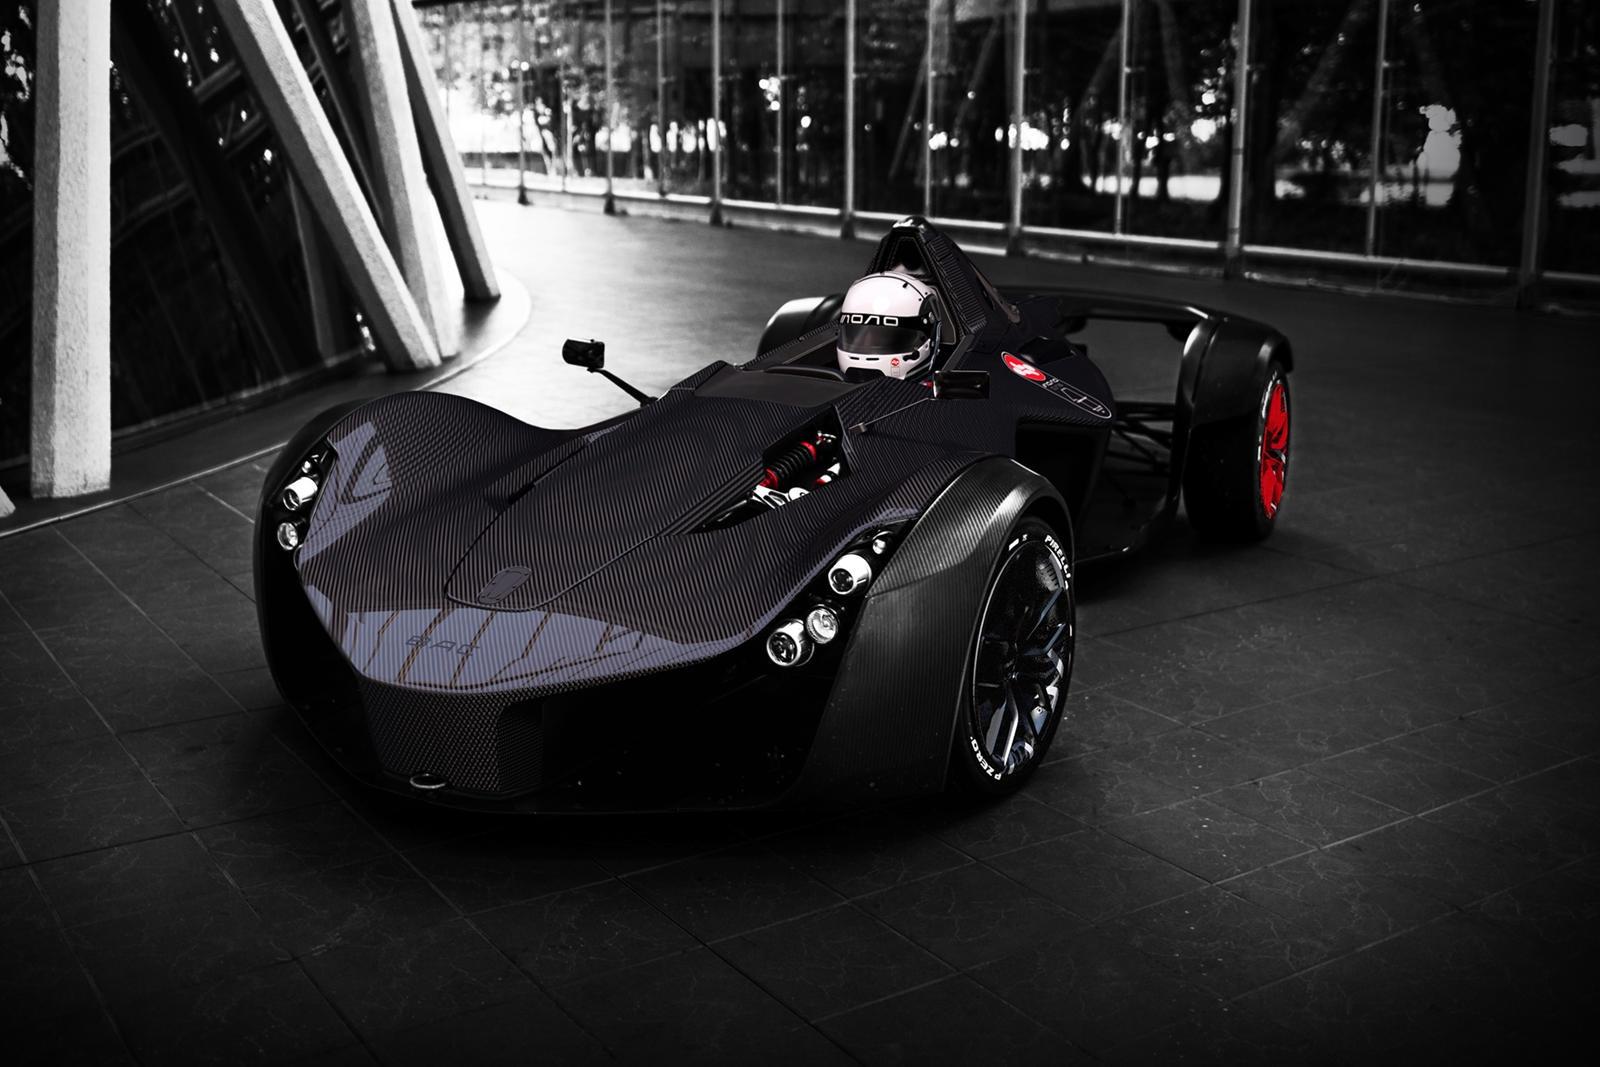 Đội hình siêu xe Trung Quốc đắt giá nhất - ảnh 3